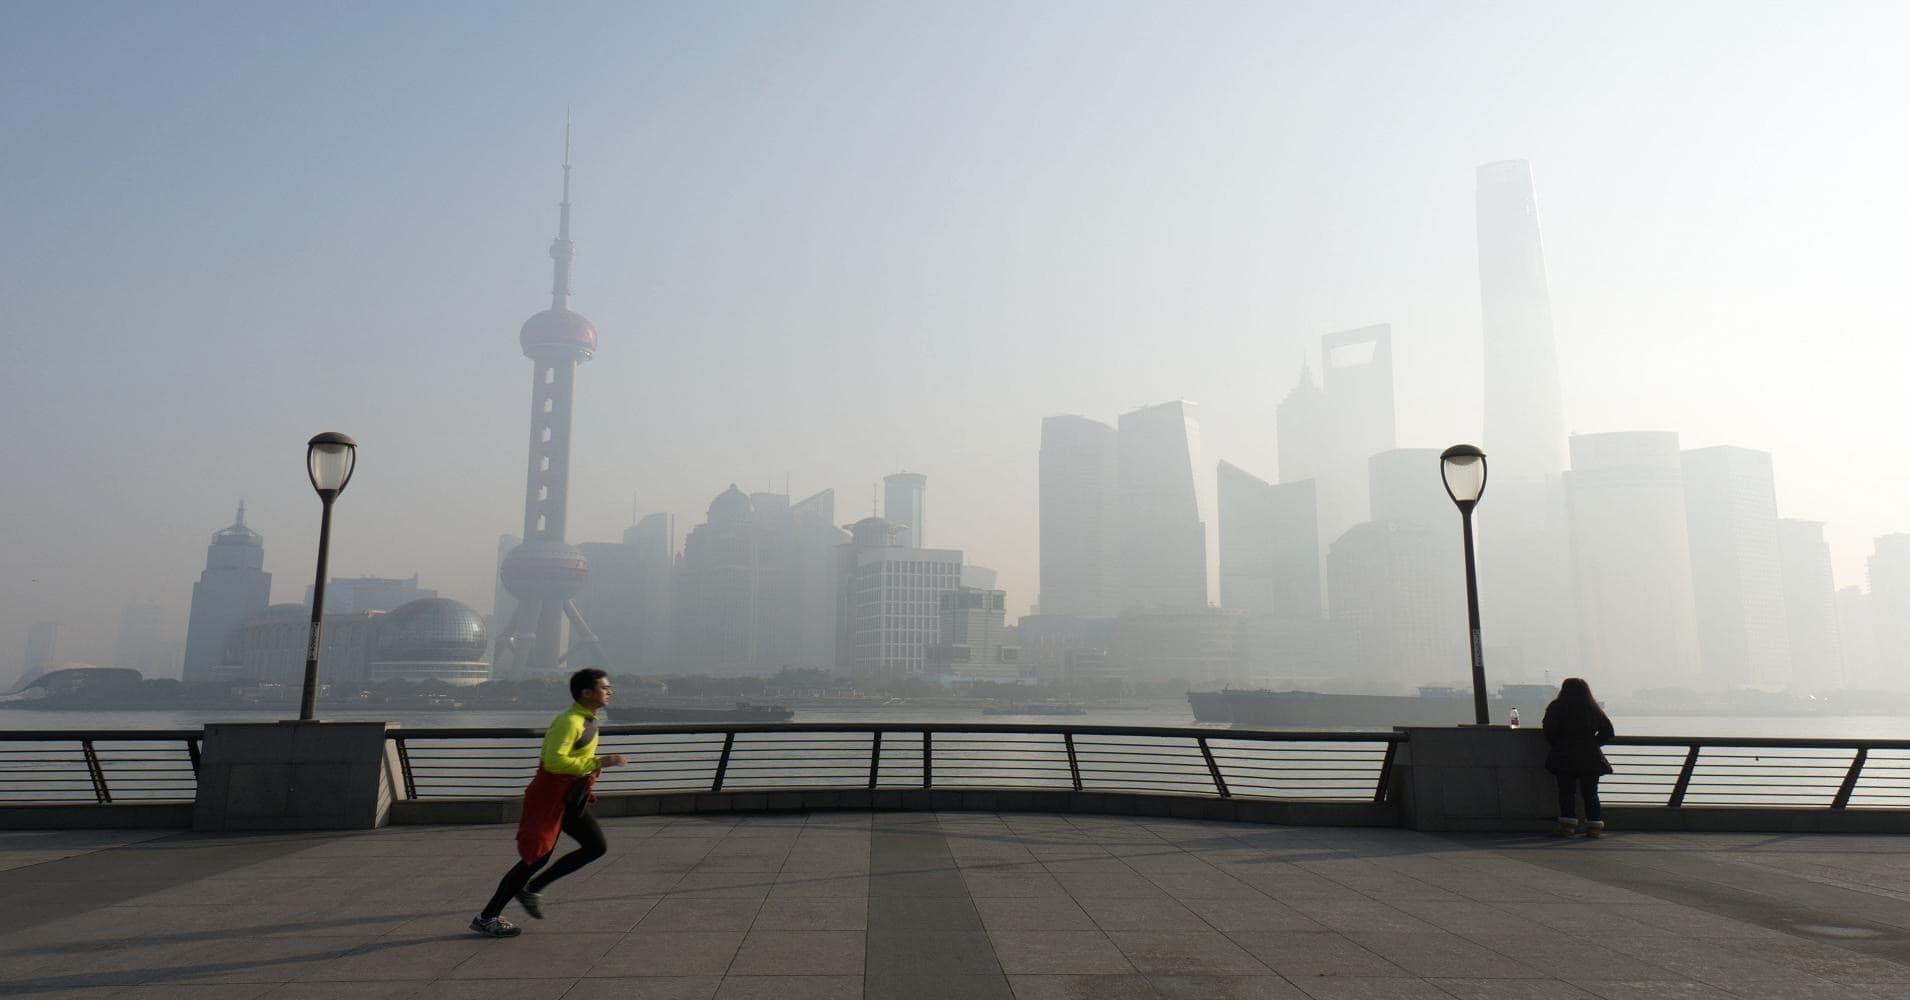 Загрязненный воздух - не оправдание для отказа от упражнений